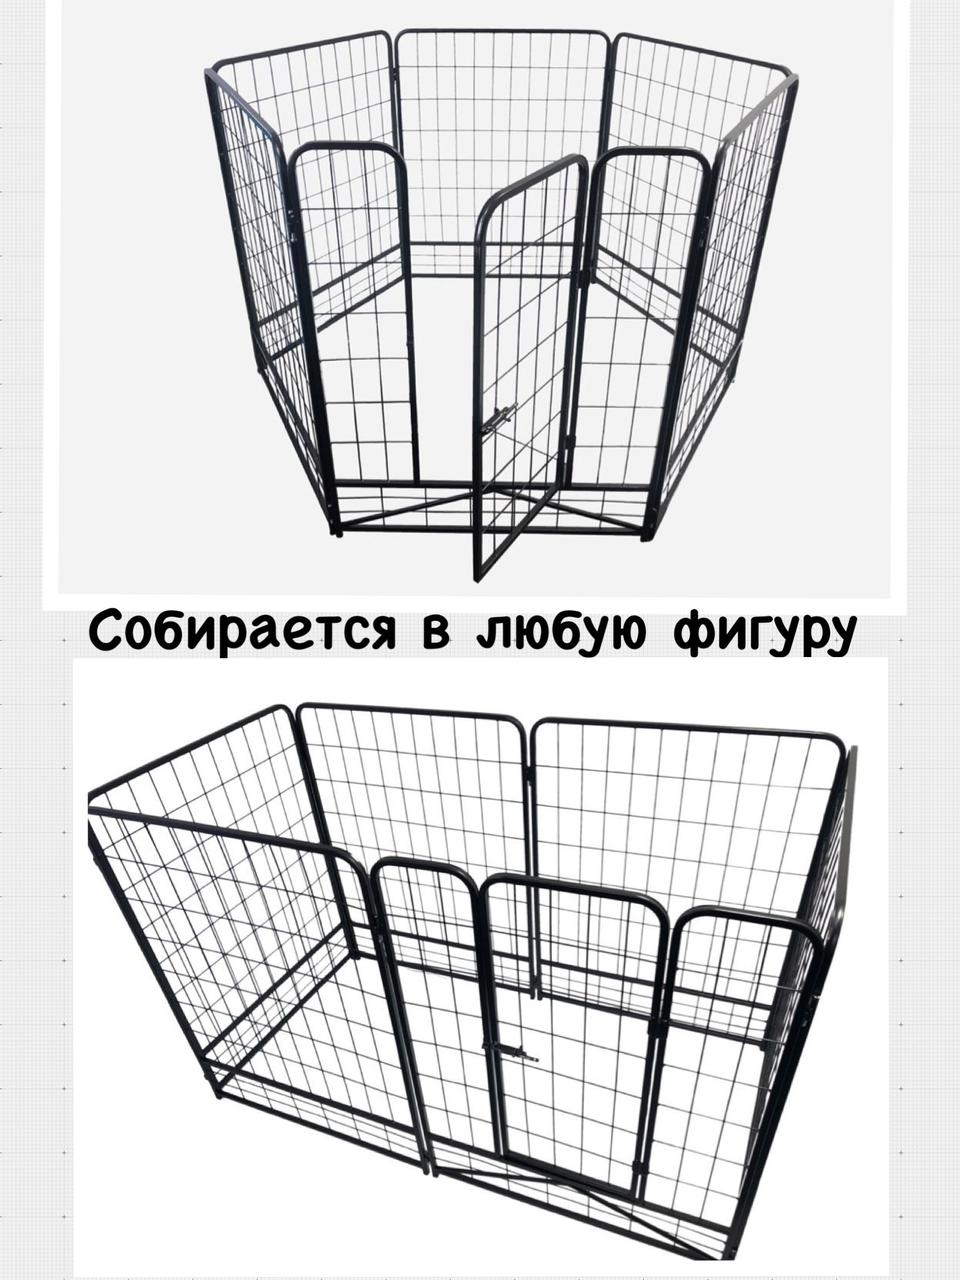 Доглэнд Вольер особопрочный усиленный для собак, 6 секций 80*110 см, диаметр в разложенном состоянии 160 см, металл, Dog Land